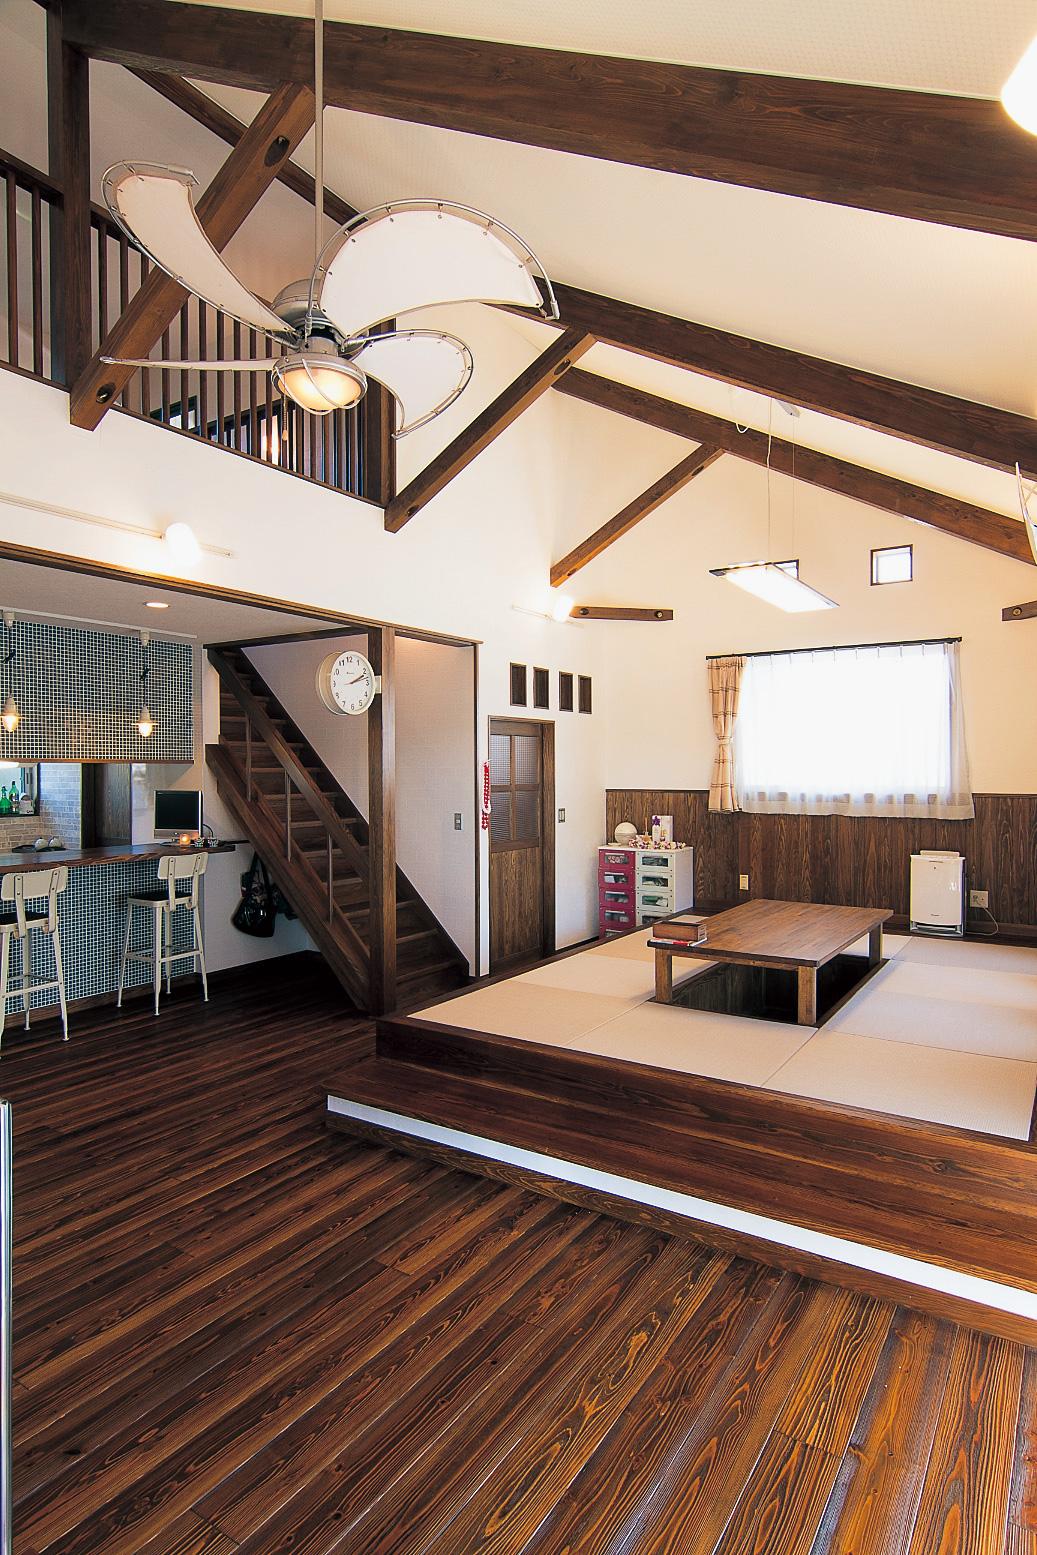 リビングのポイントは、片流れの大きな屋根の勾配を活かした吹き抜け。漆喰壁と飴色の木肌に、ご夫婦の好きなダルトン社製のアメリカン家具や雑貨がよく映える